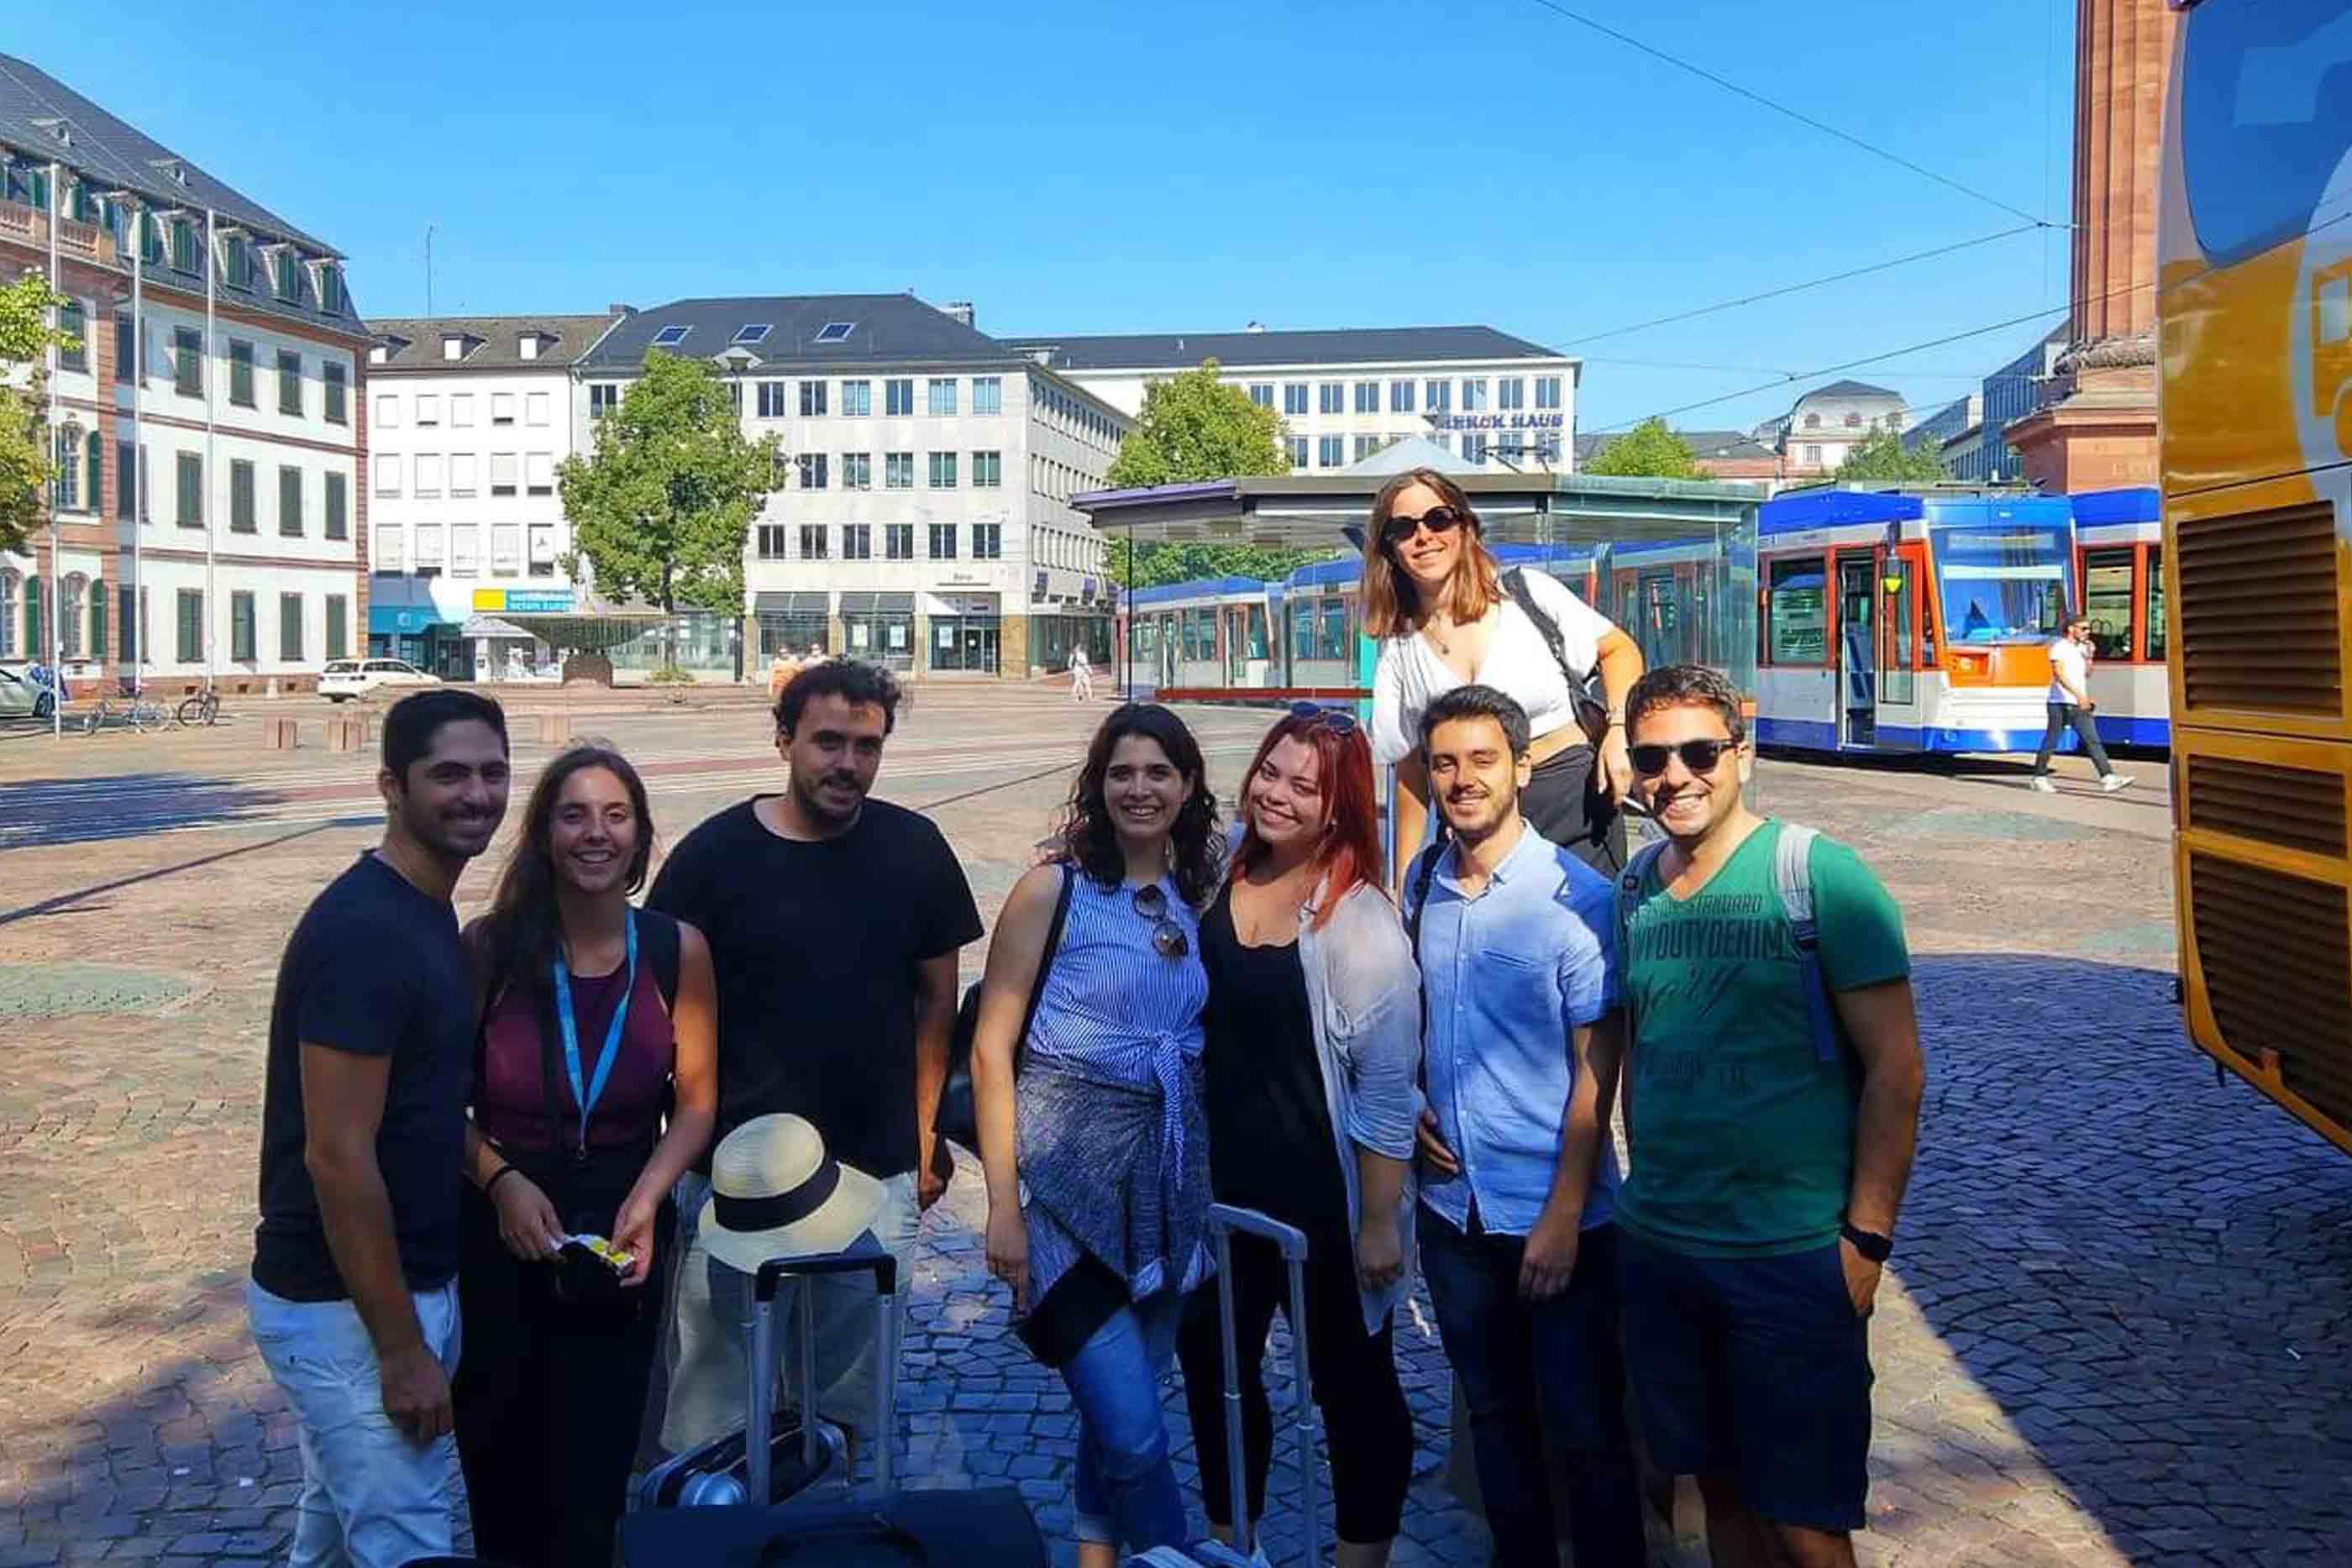 Joana no seu primeiro dia de estágio em Darmstadt, Alemanha